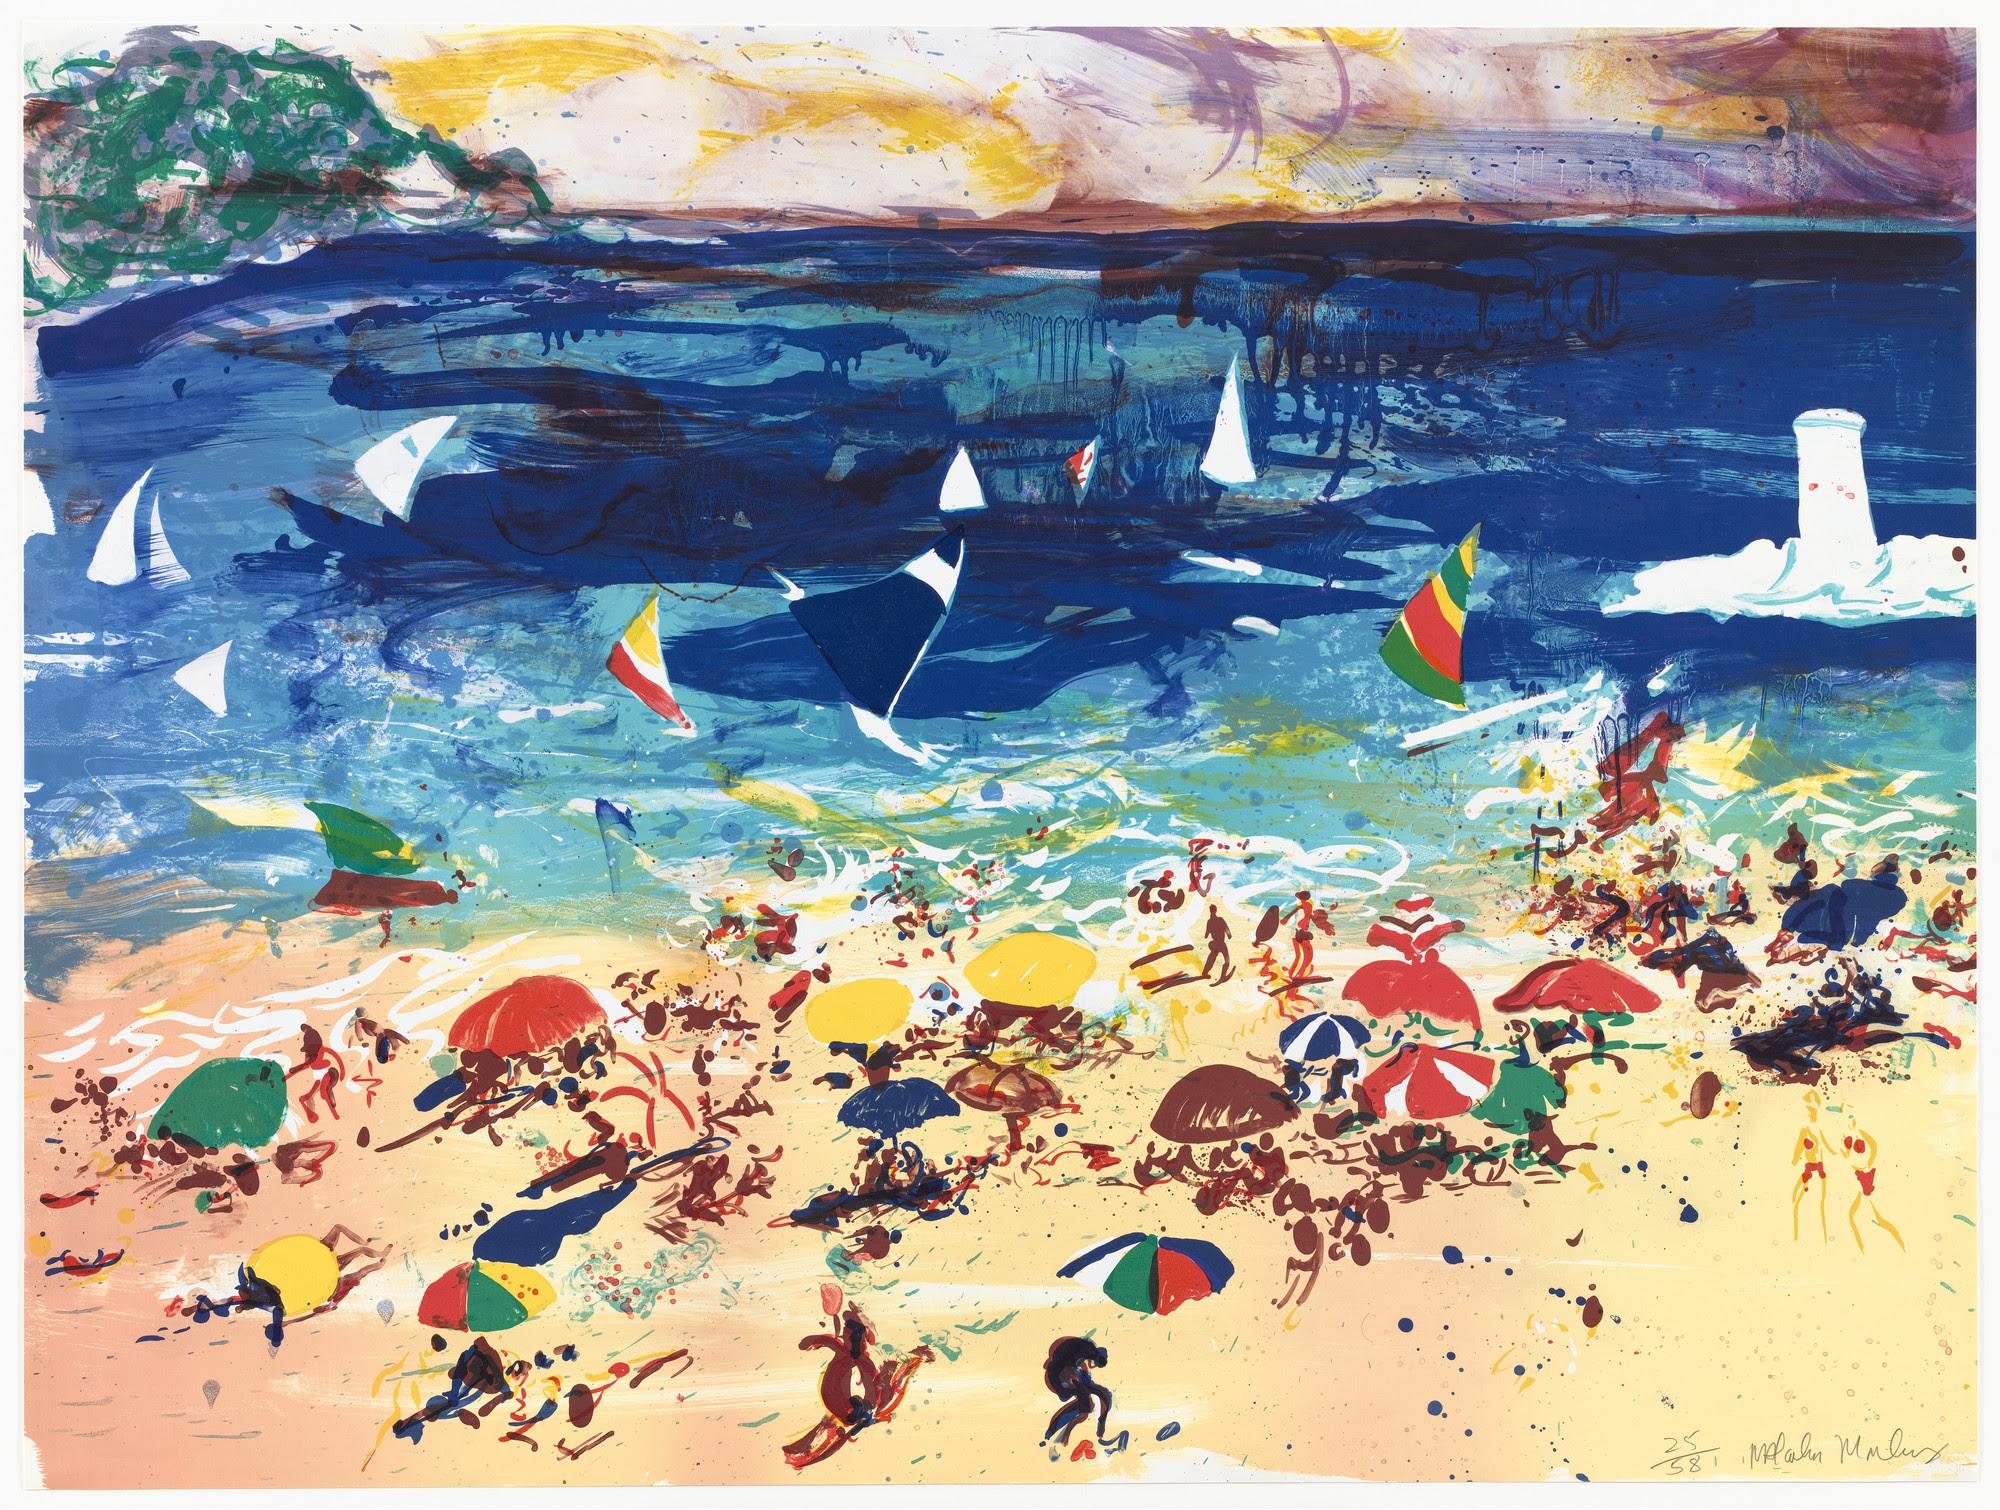 Malcolm Morley Beach Scene 1982 Moma